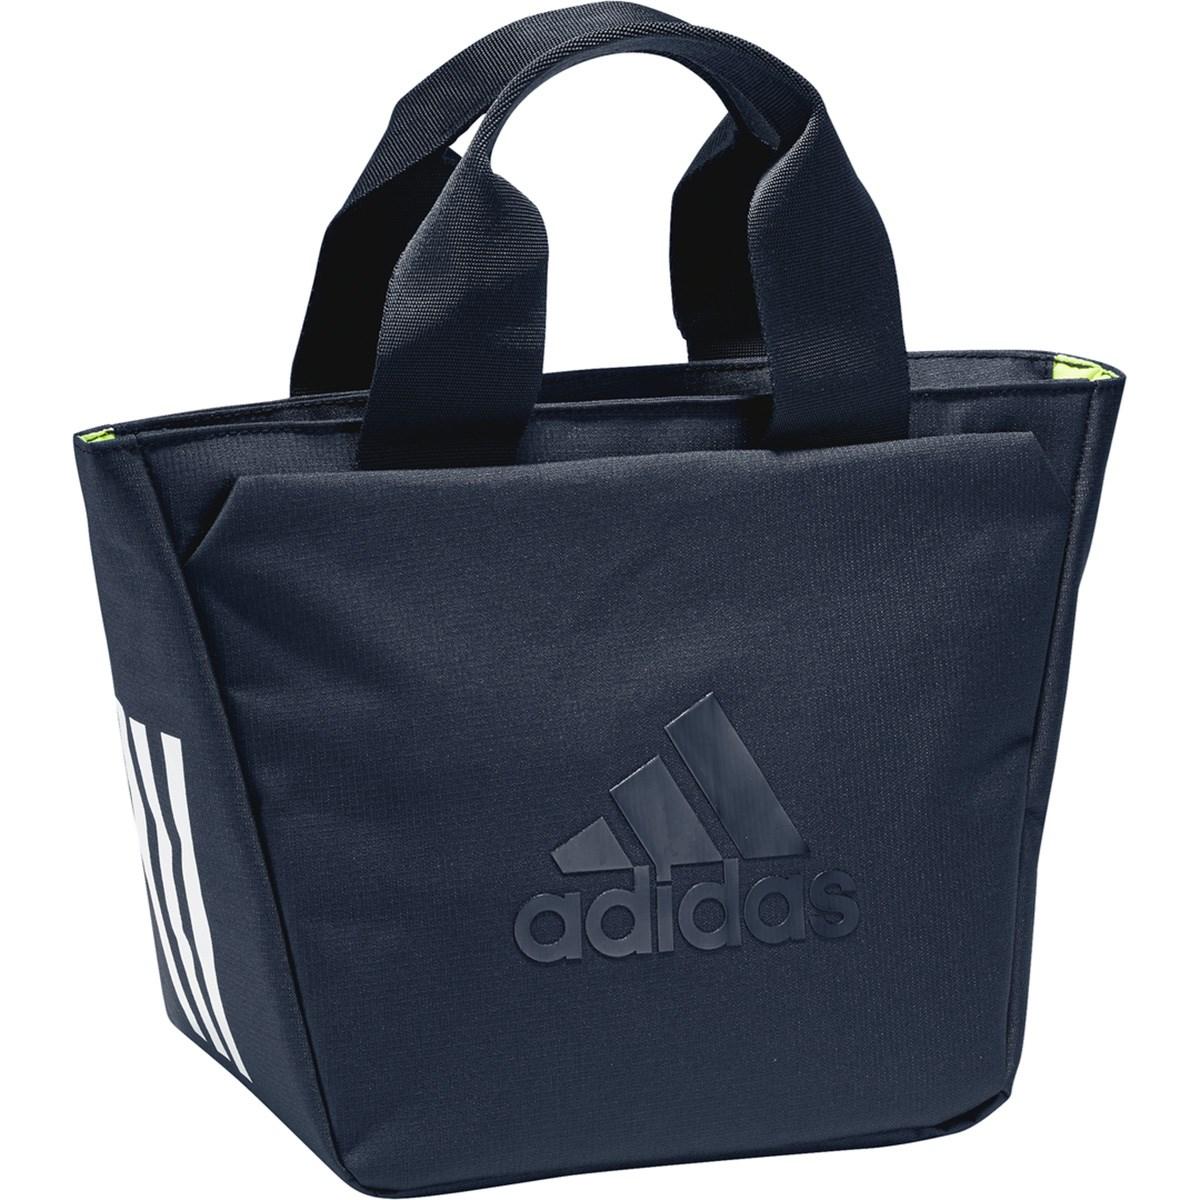 アディダス(adidas) ラウンドトートバッグ